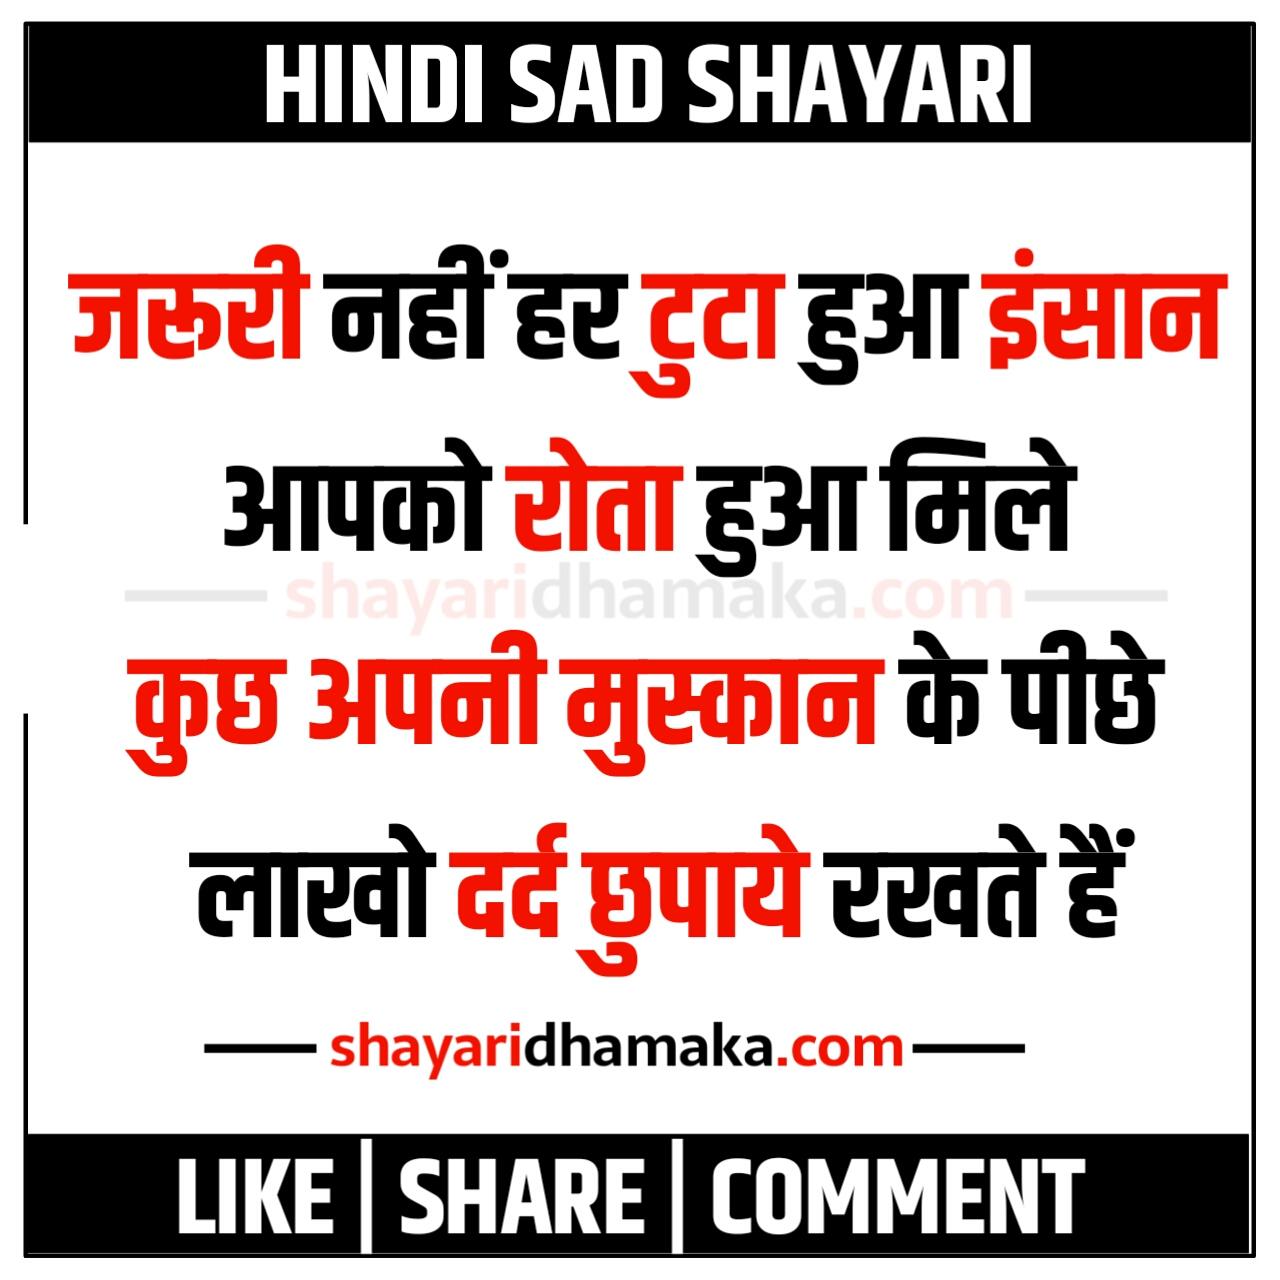 जरूरी नहीं हर टुटा हुआ इंसान - Dard Bhari Shayari